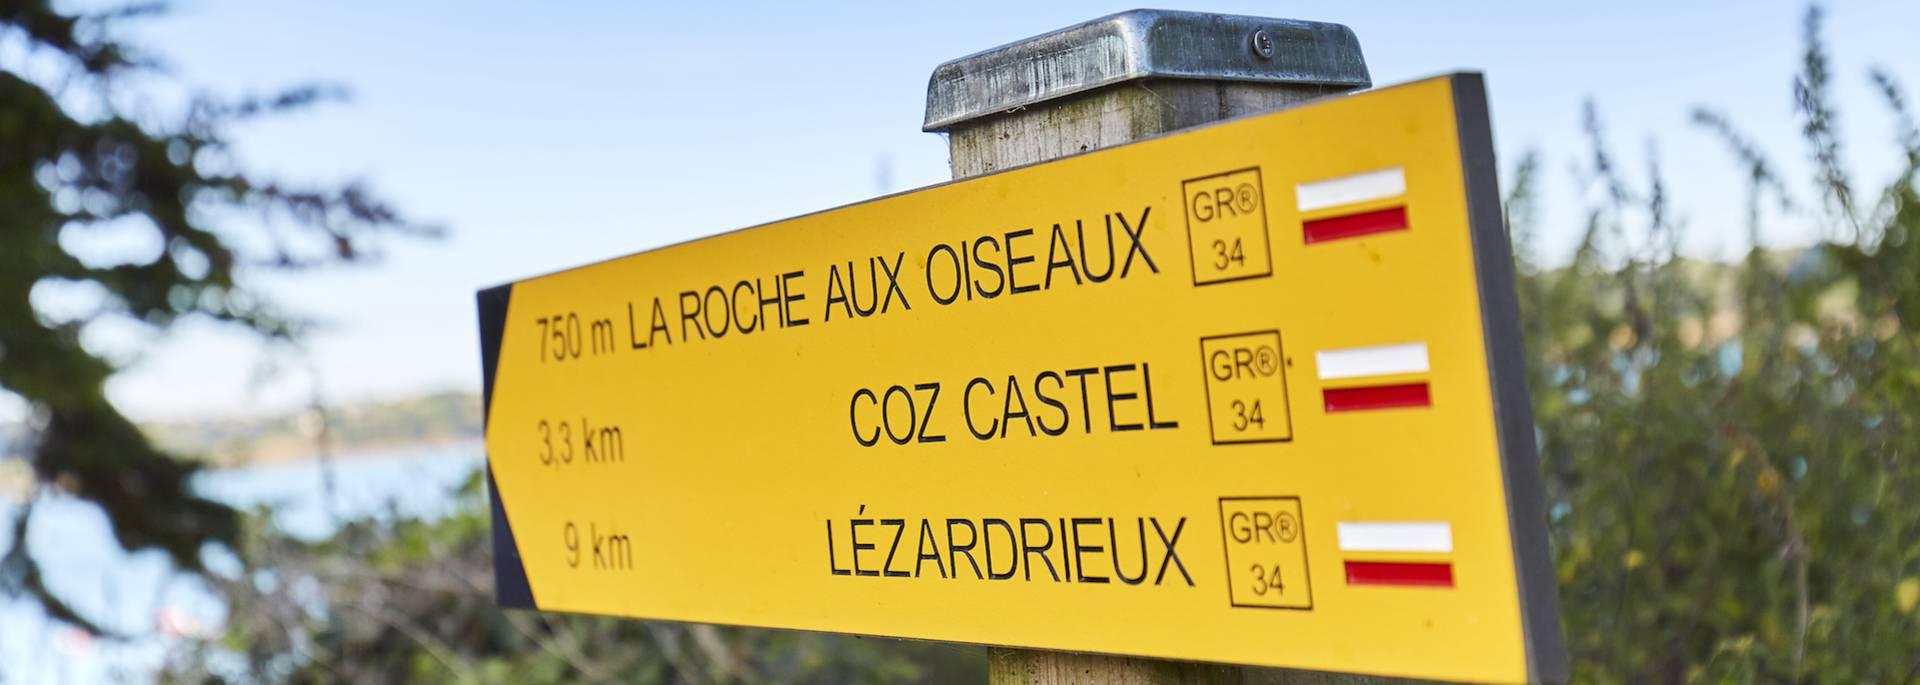 Panneau indicateur sur le GR34, le sentier des douaniers ©Alexandre Lamoureux